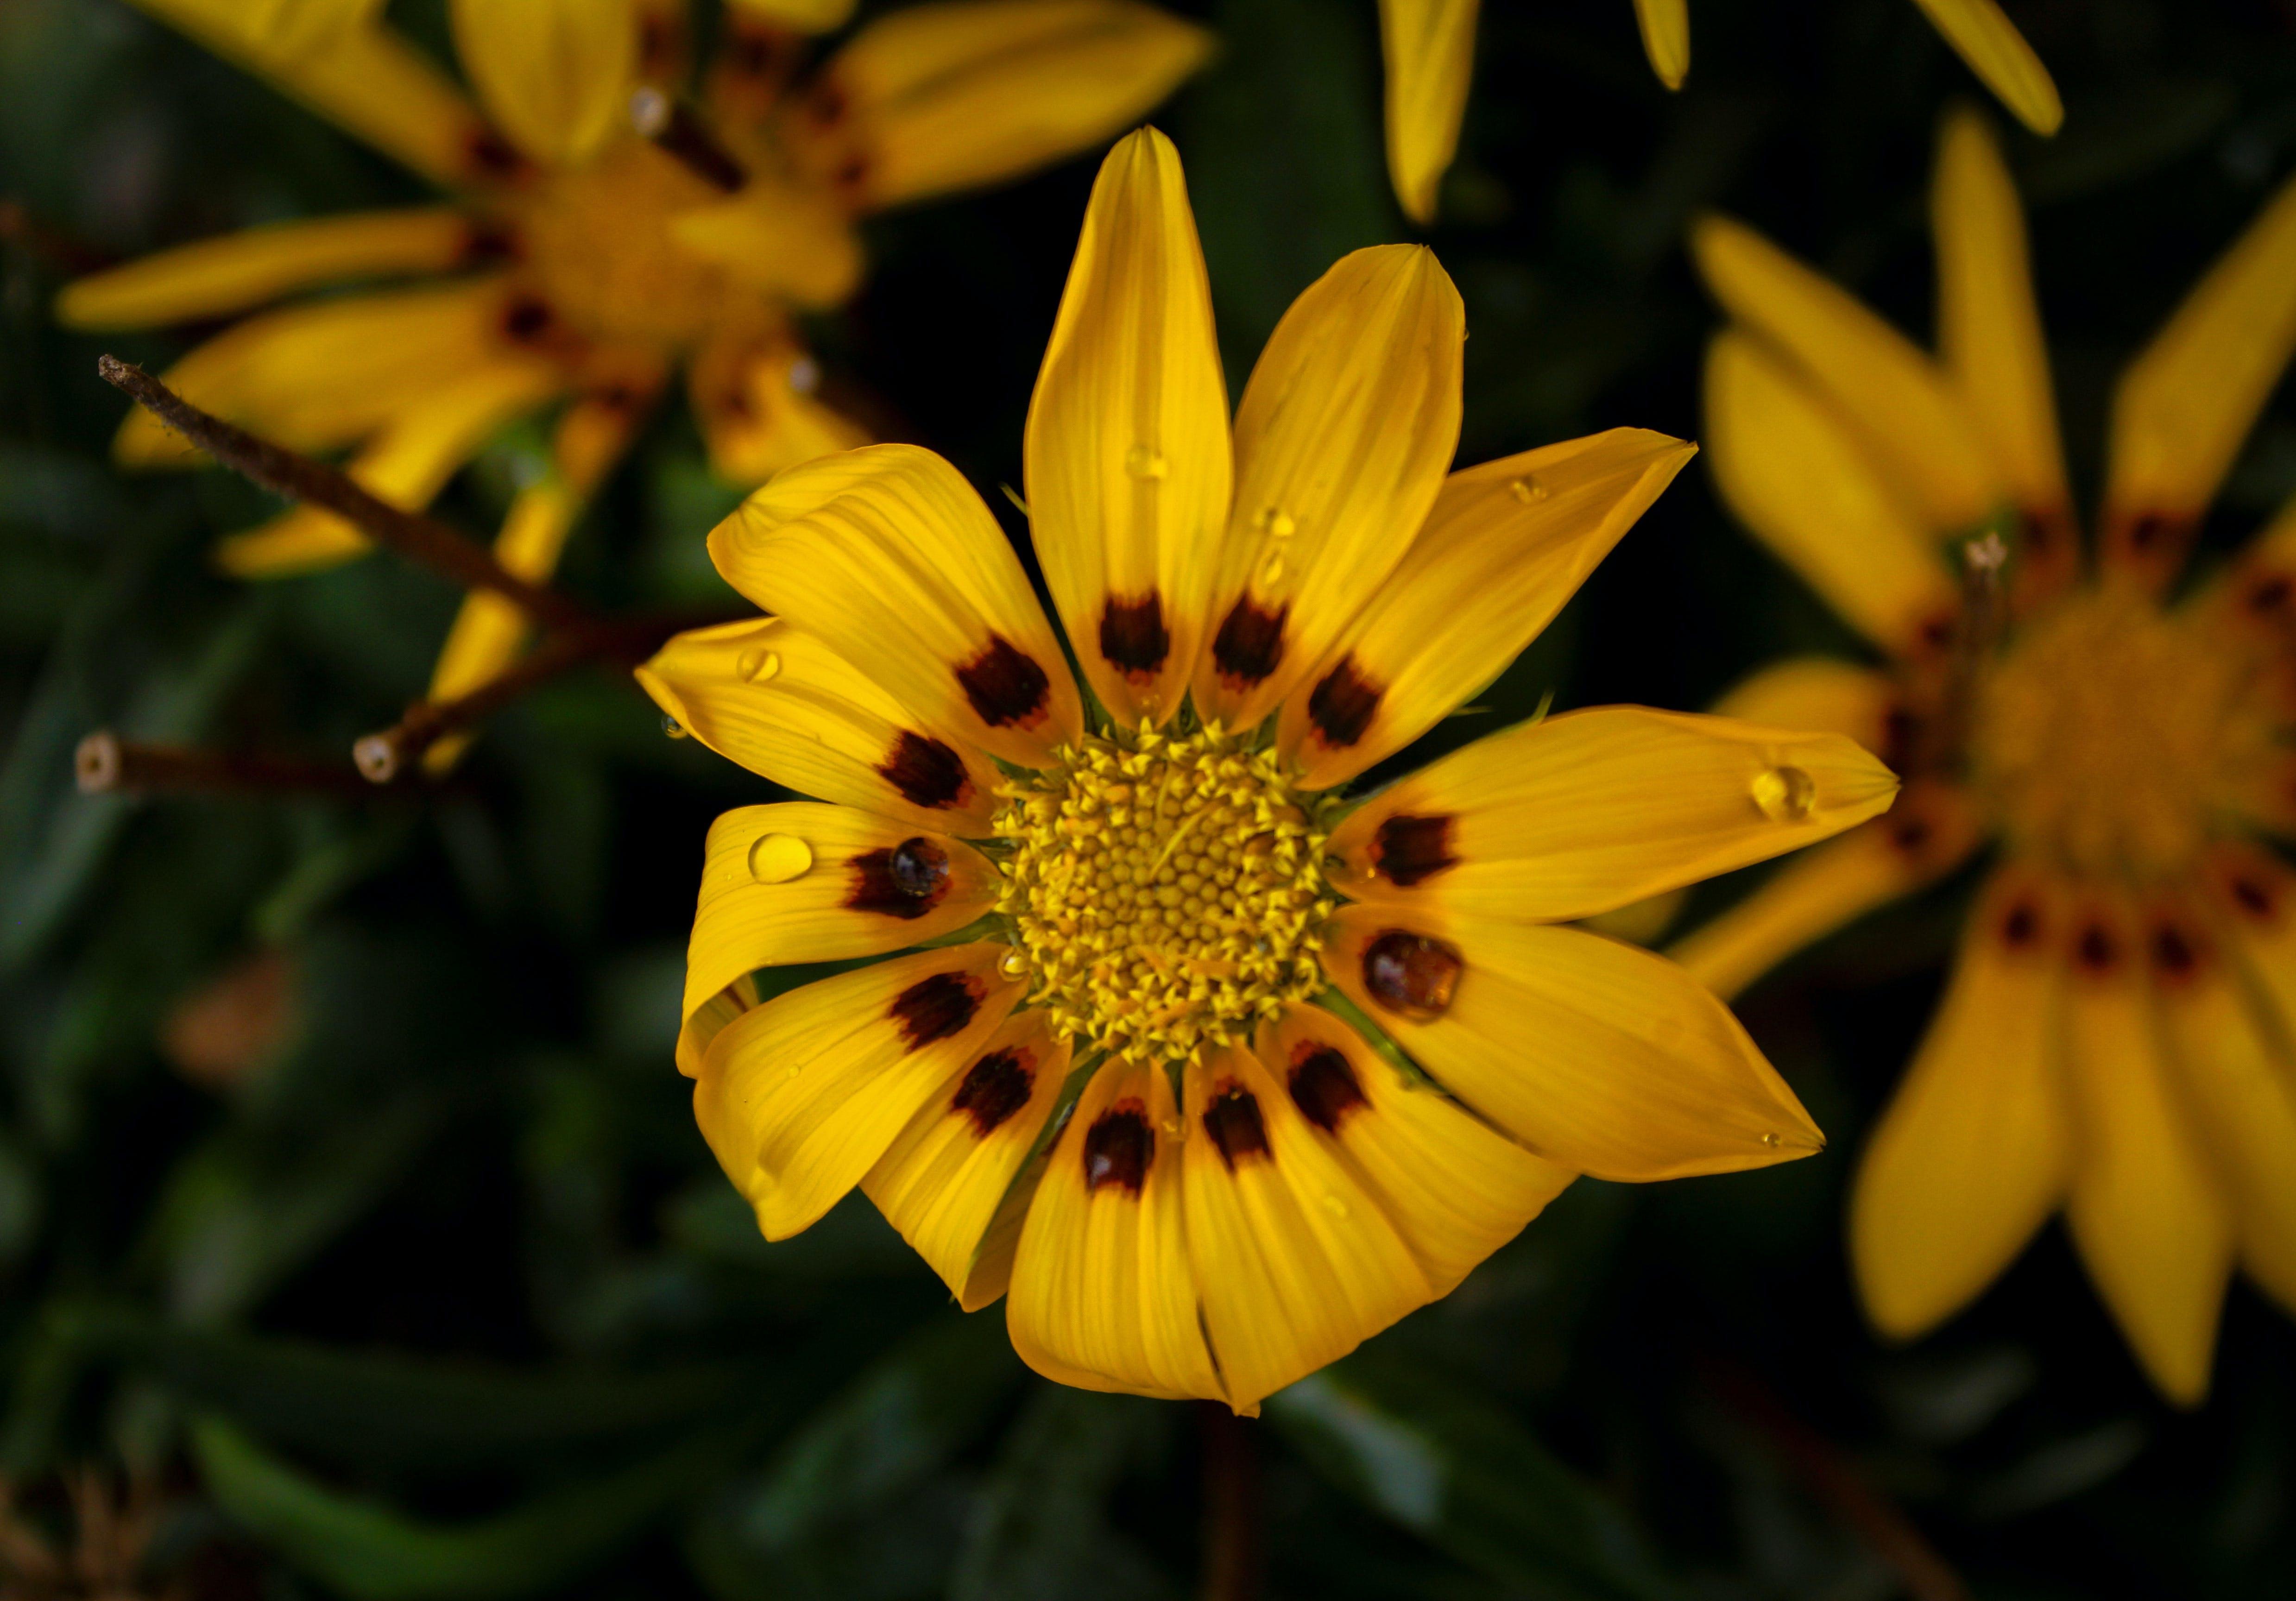 Gratis lagerfoto af gul blomst, kunstige blomster, smuk blomst